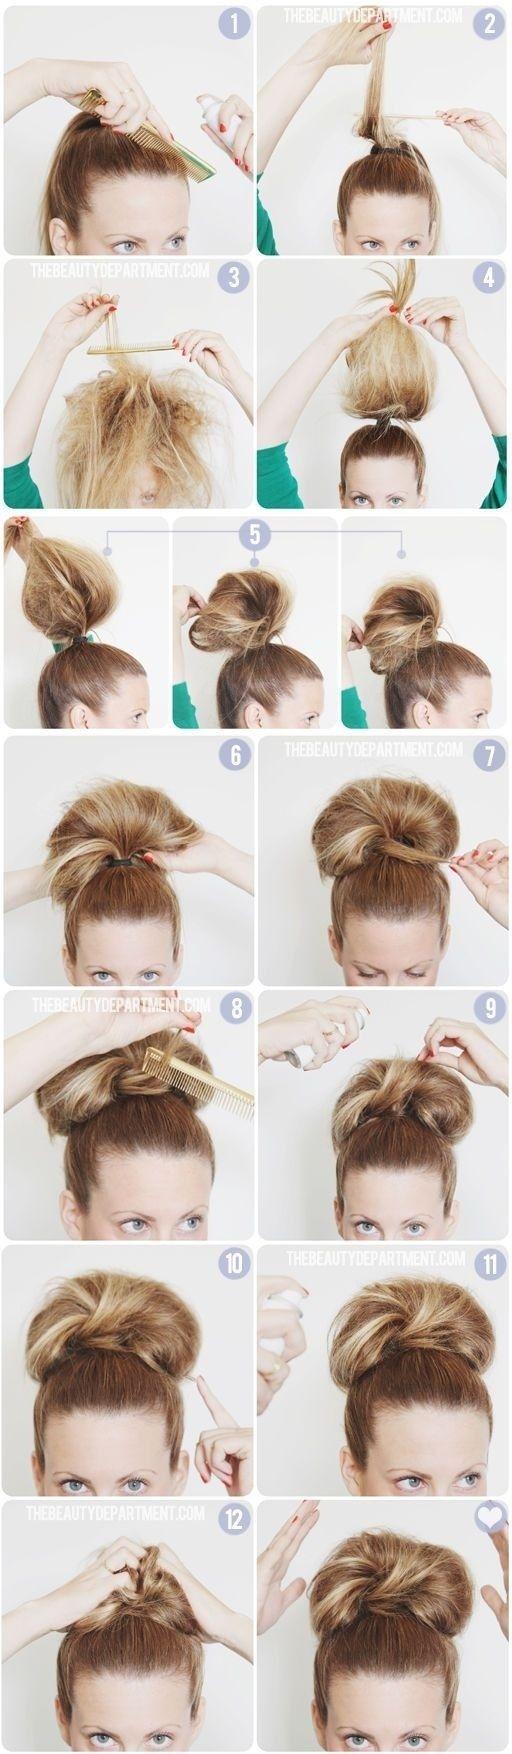 Hairbuns buns pinterest hair buns easy hair and easy hair